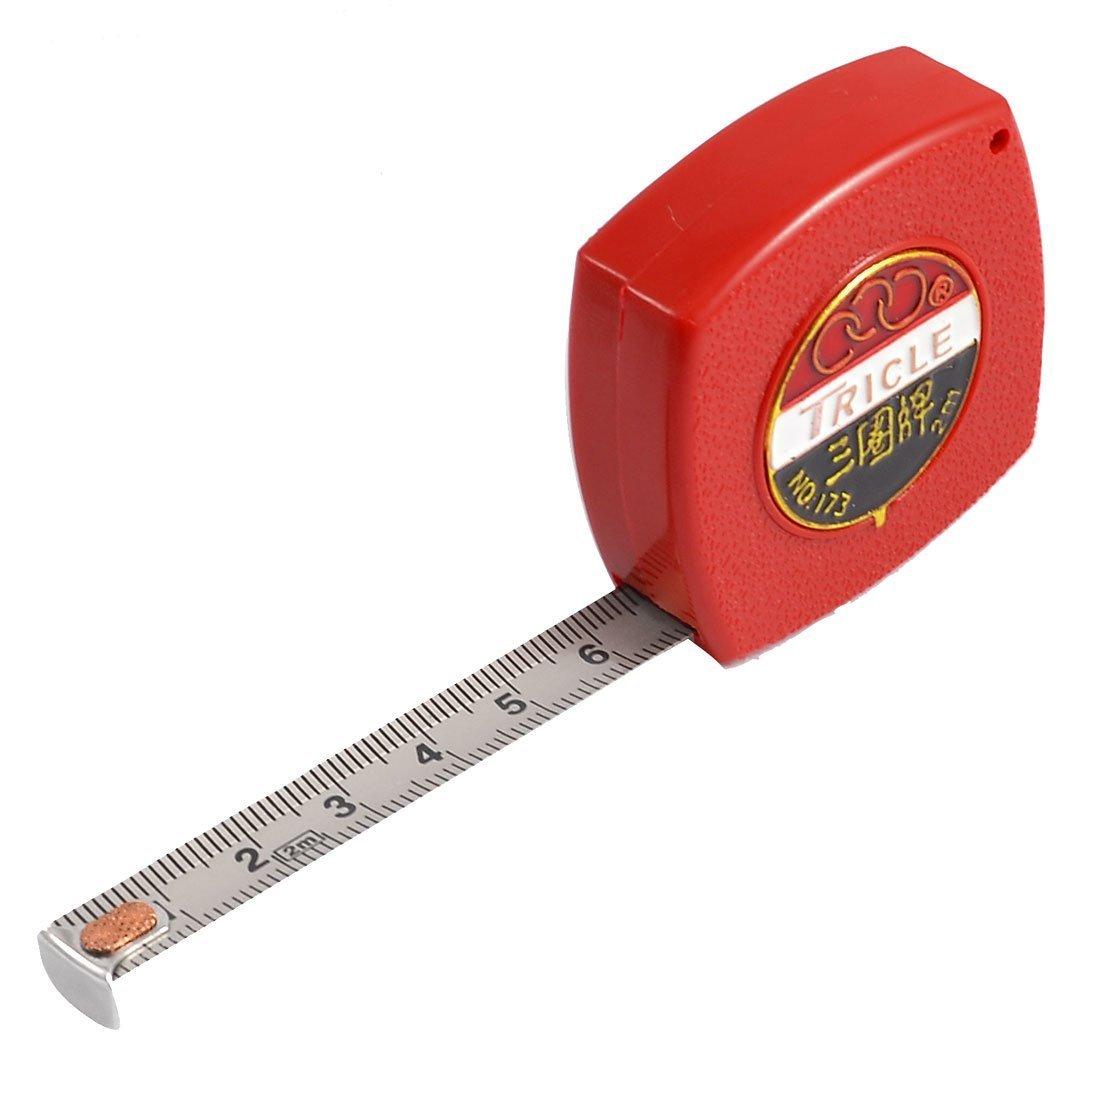 Uxcell 2 m từ thép công cụ đo lường metric thước đo băng dài 10 mm